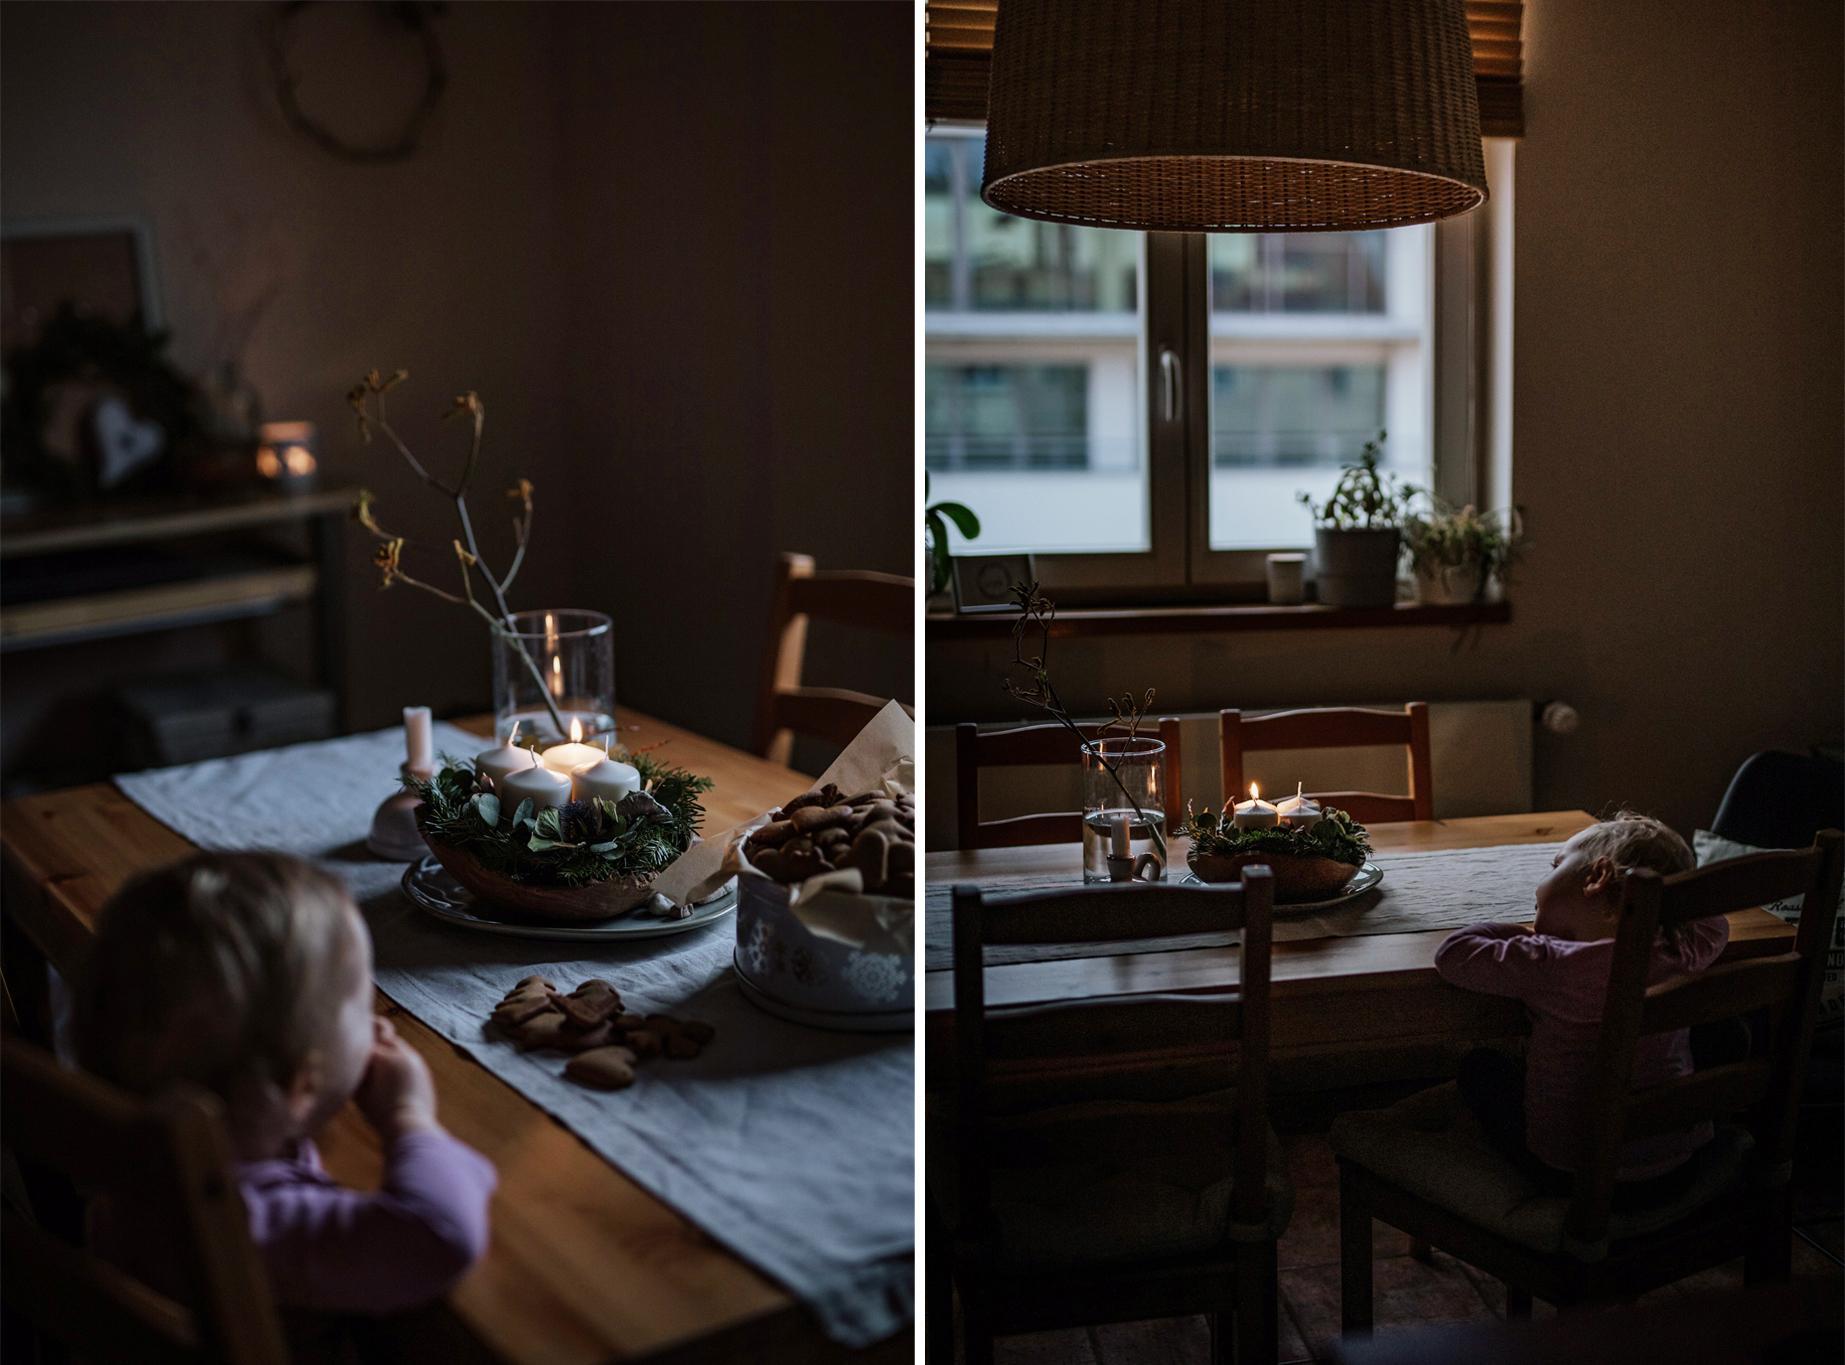 První adventní byla plná radosti z maličkostí :) http://tedatady.com/ziji/03/12/2019/prvni_adventni_179 - Obrázek č. 1